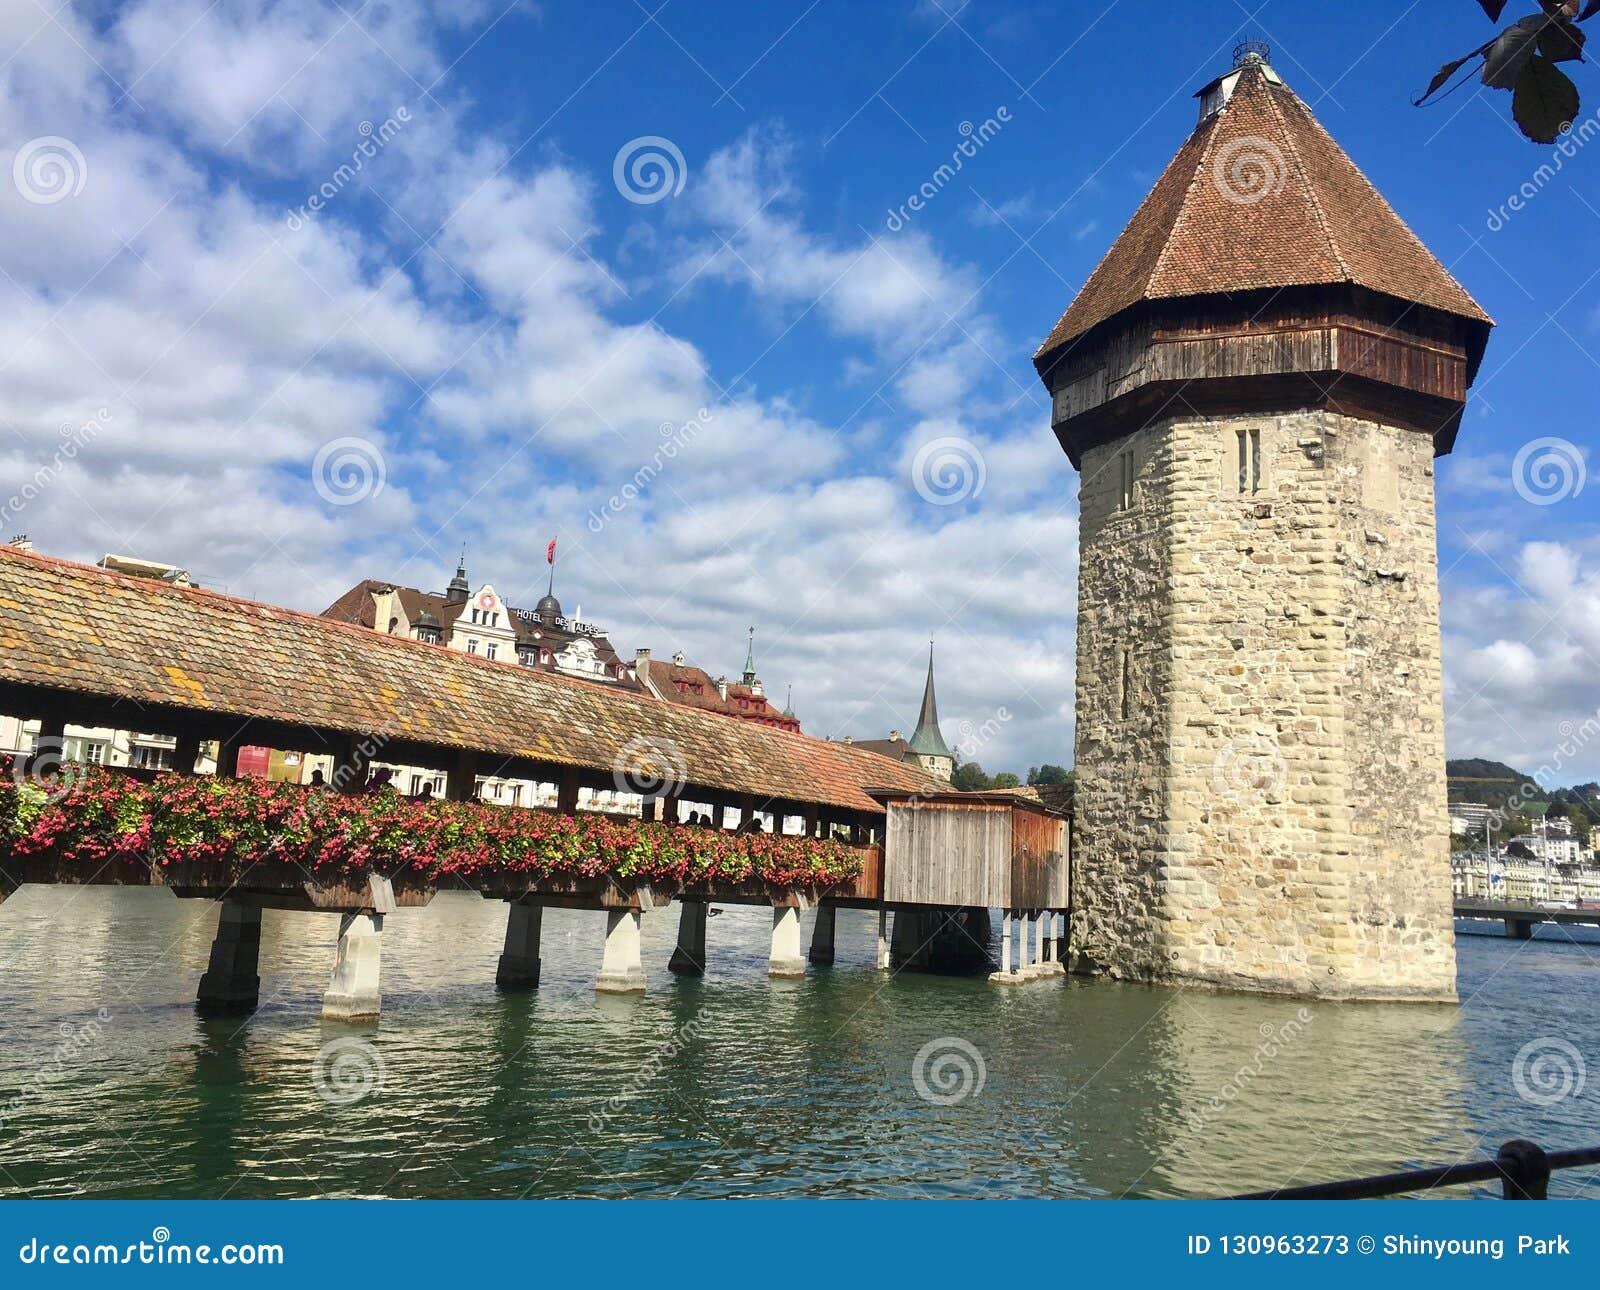 Weise zum berühmten Turm im Wasser-Spaziergang, Luzerne, Luzern